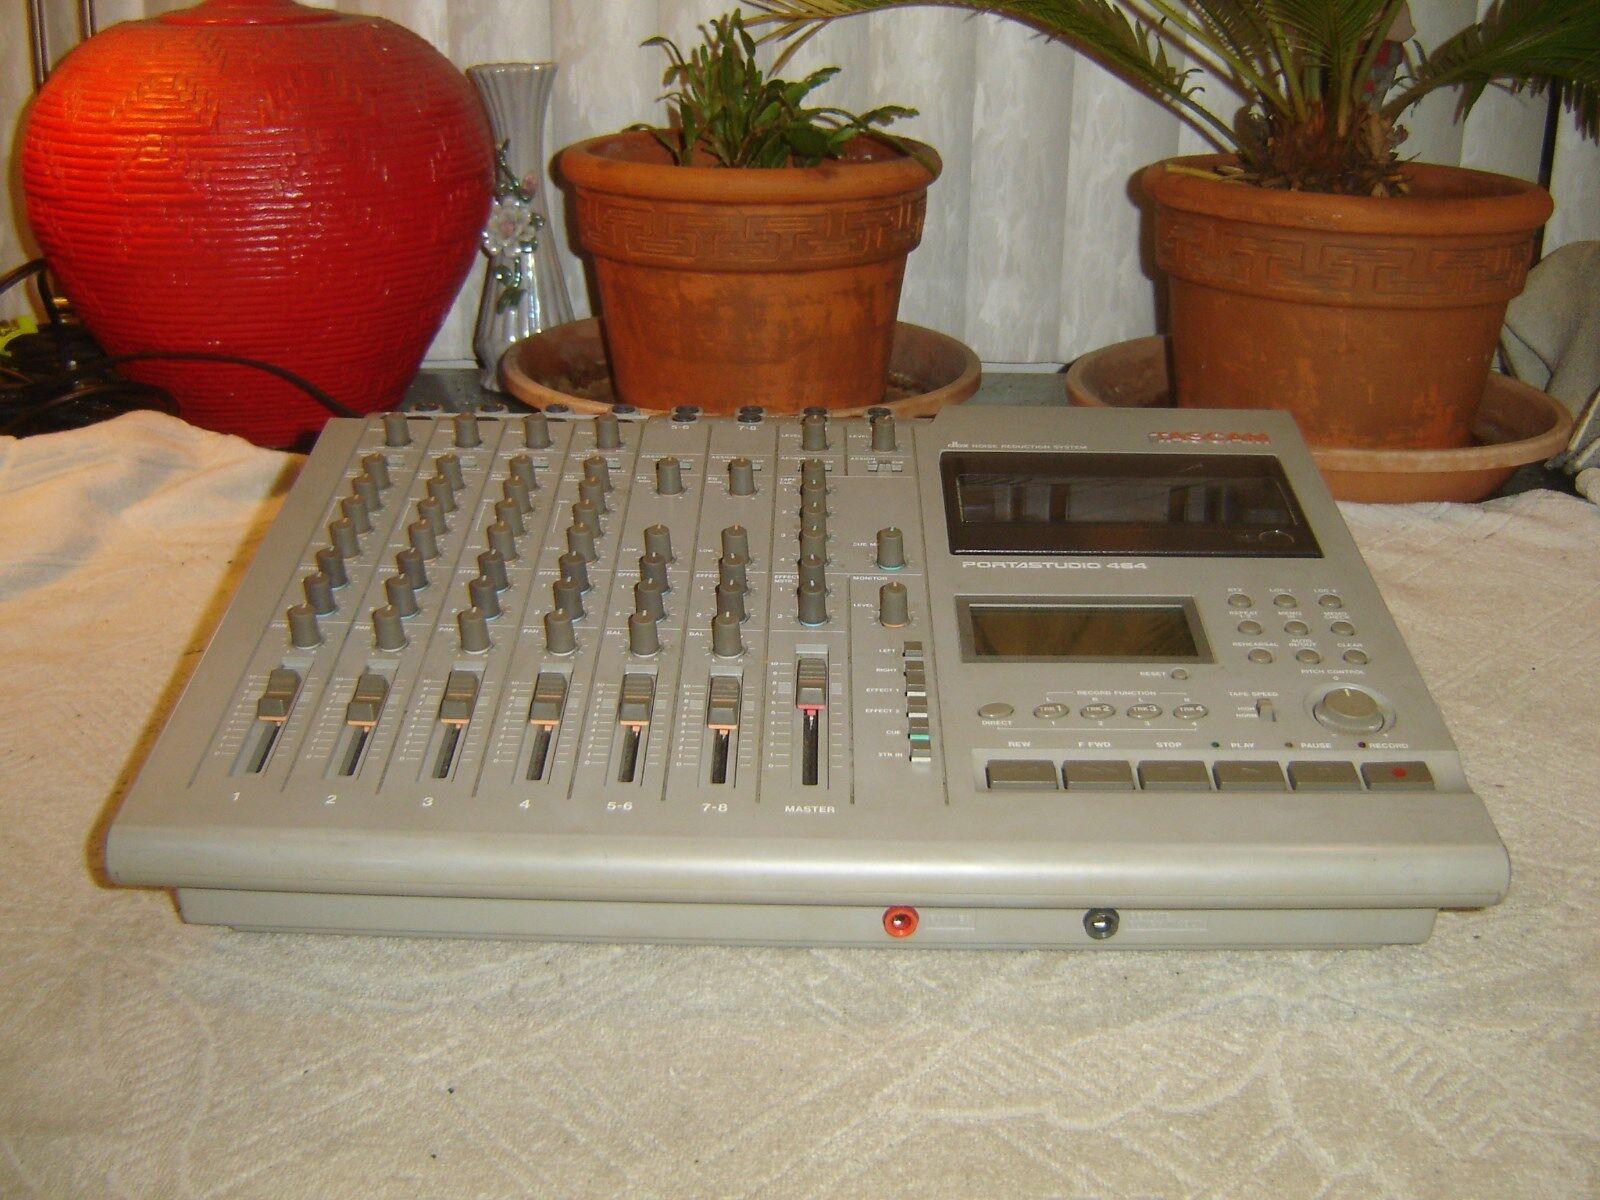 Tascam Portastudio 464, 4 Track Cassette Tape Recorder Mixer, DBX, for Repair